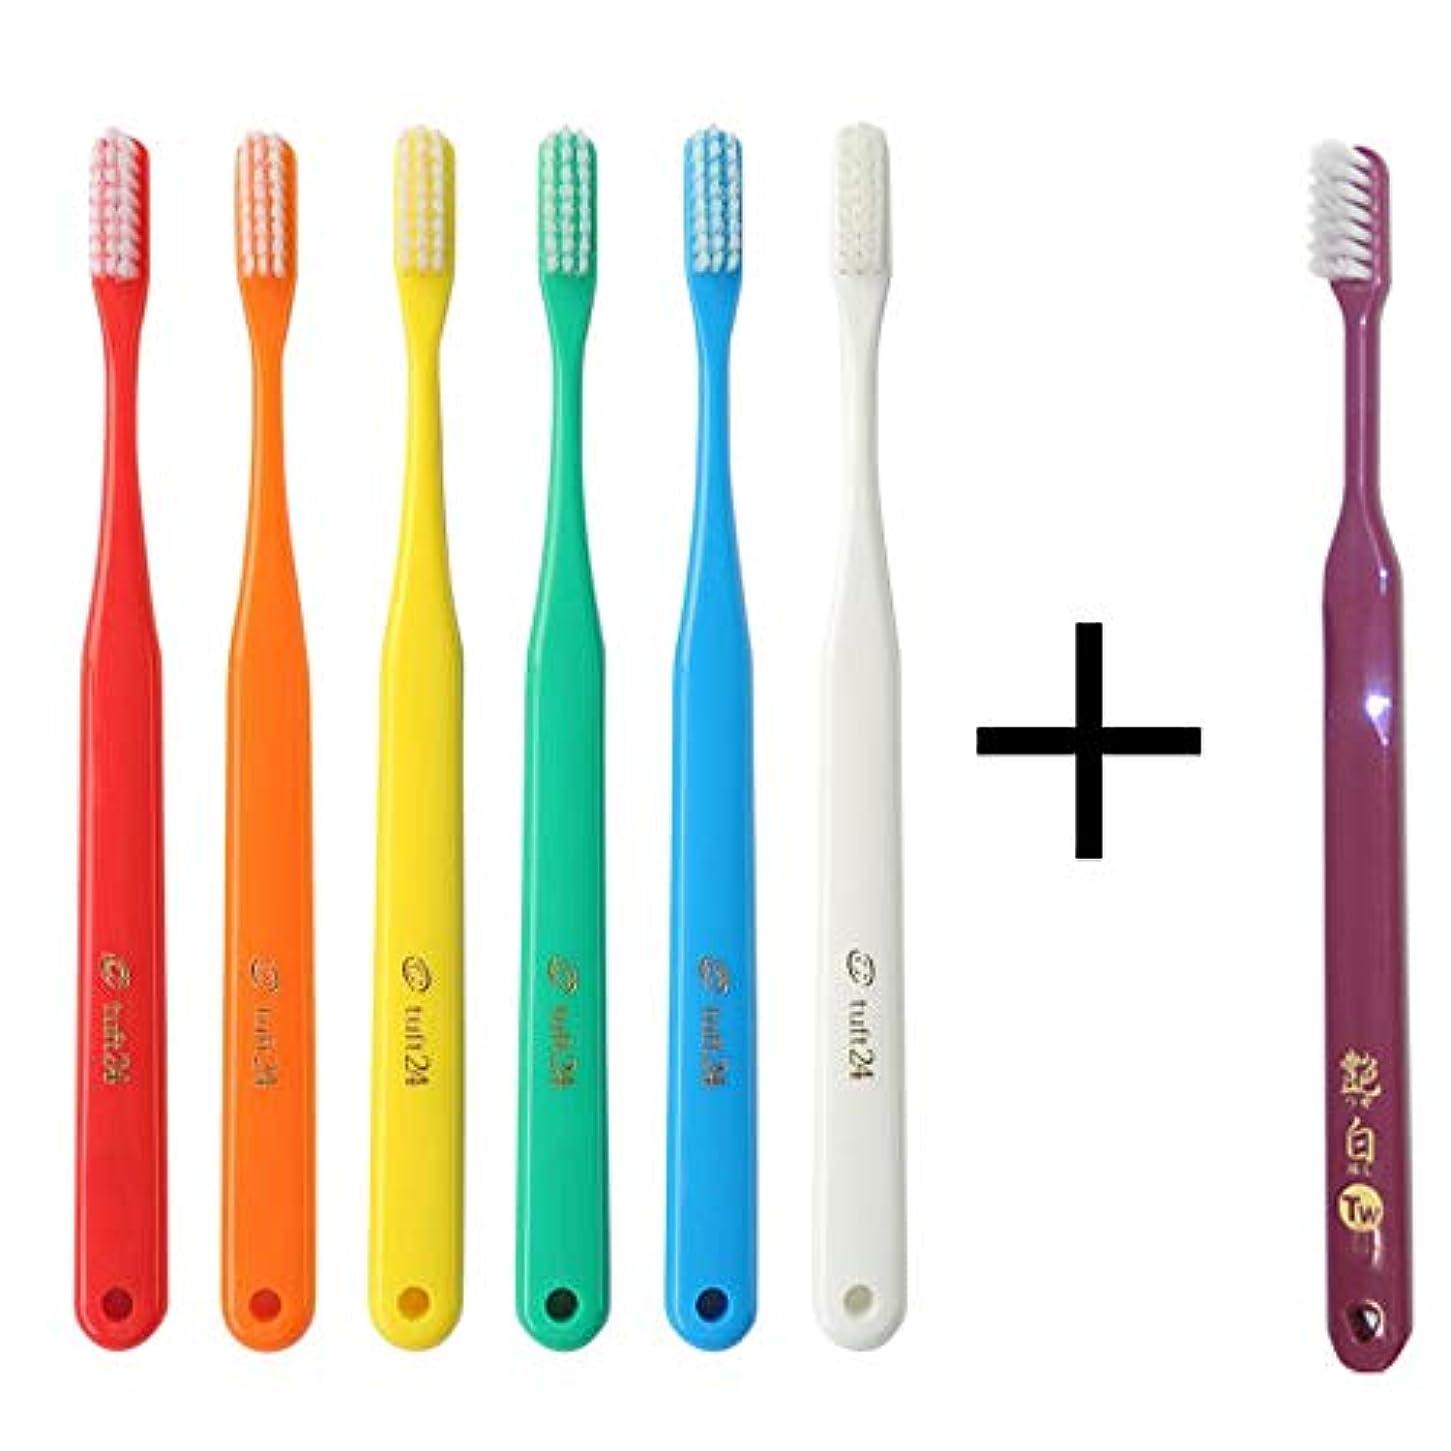 決して寛容な拮抗キャップなし タフト24 歯ブラシ × 25本入 M (アソート) + 艶白 ハブラシ (日本製) ×1本 MS(やややわらかめ) 大人用歯ブラシ 歯科医院取扱品